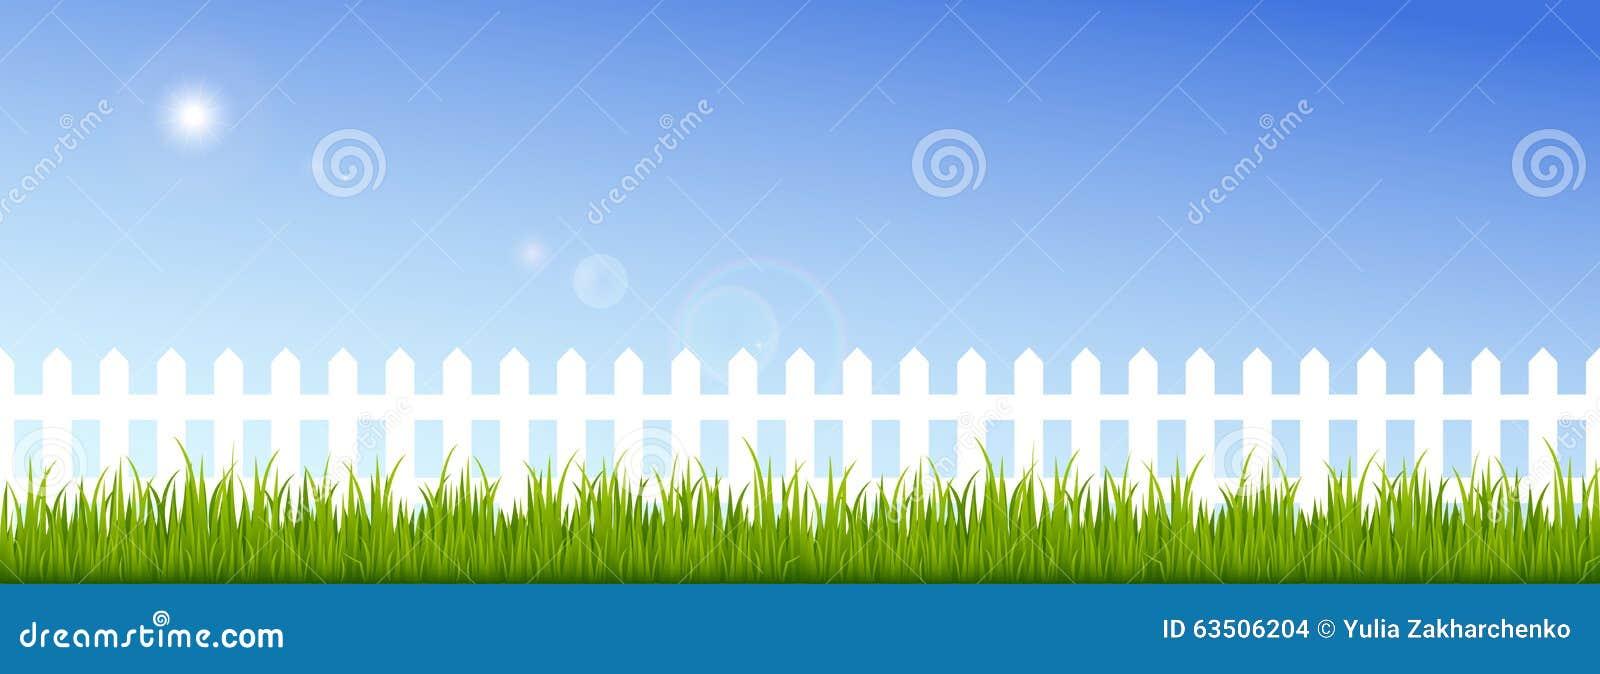 Groen gras en witte omheining op een duidelijke blauwe hemel